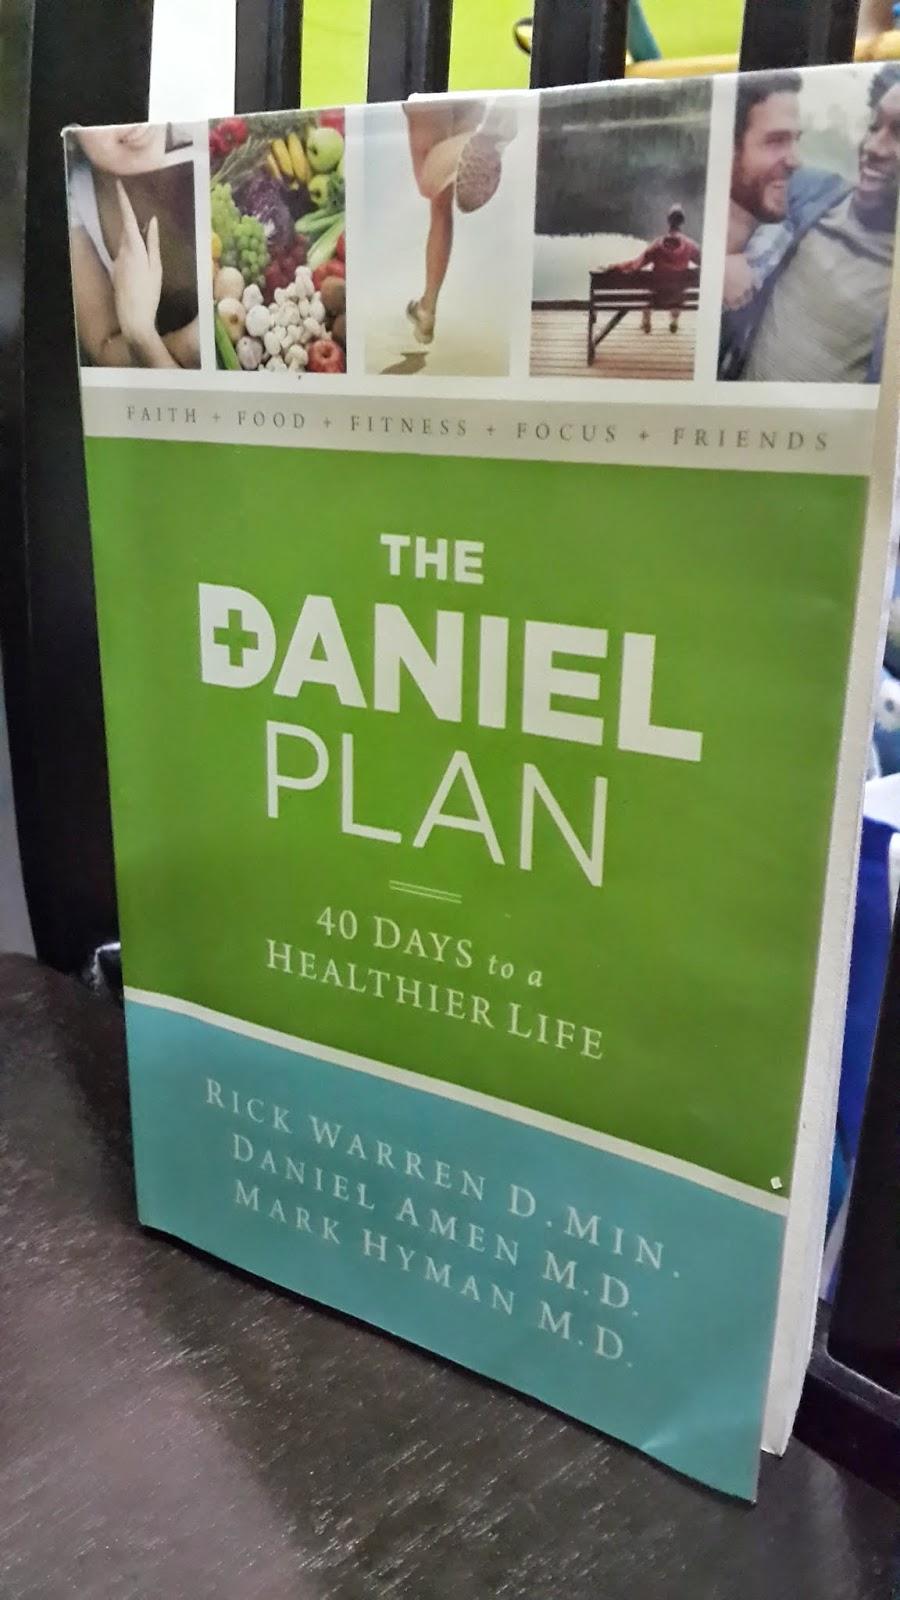 Weight Loss Diet: The Daniel Plan by Rick Warren